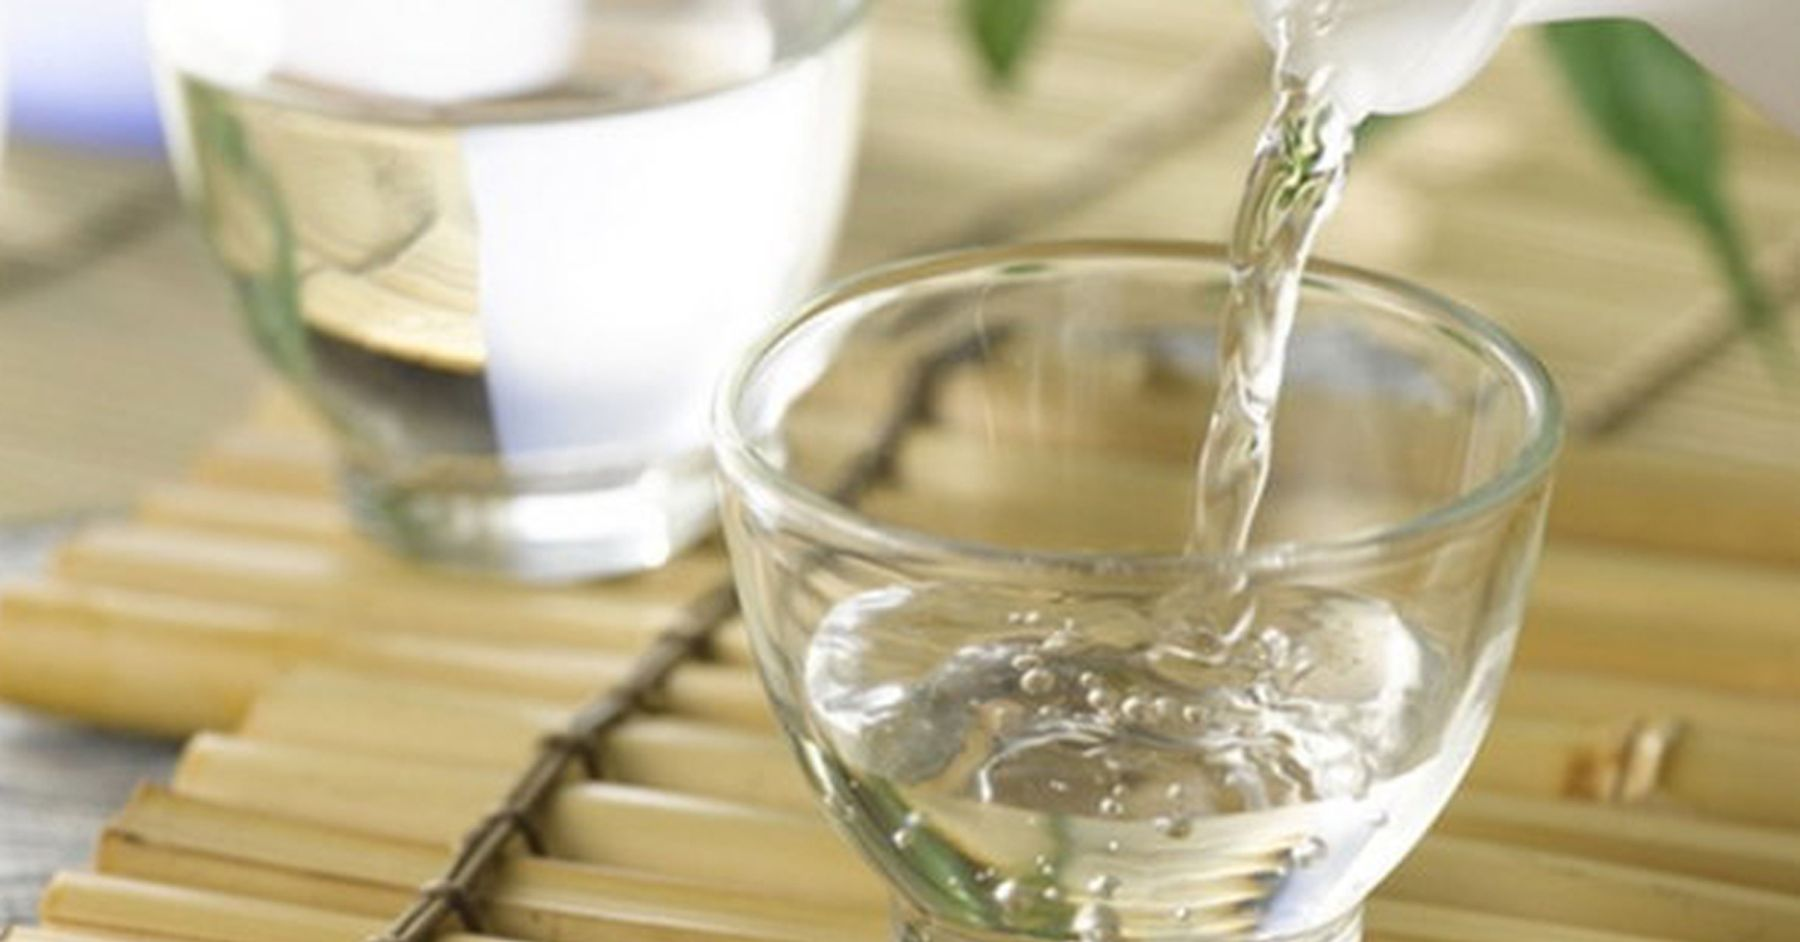 Dùng rượu trắng để tẩy sạch mốc và khử trùng quần áo